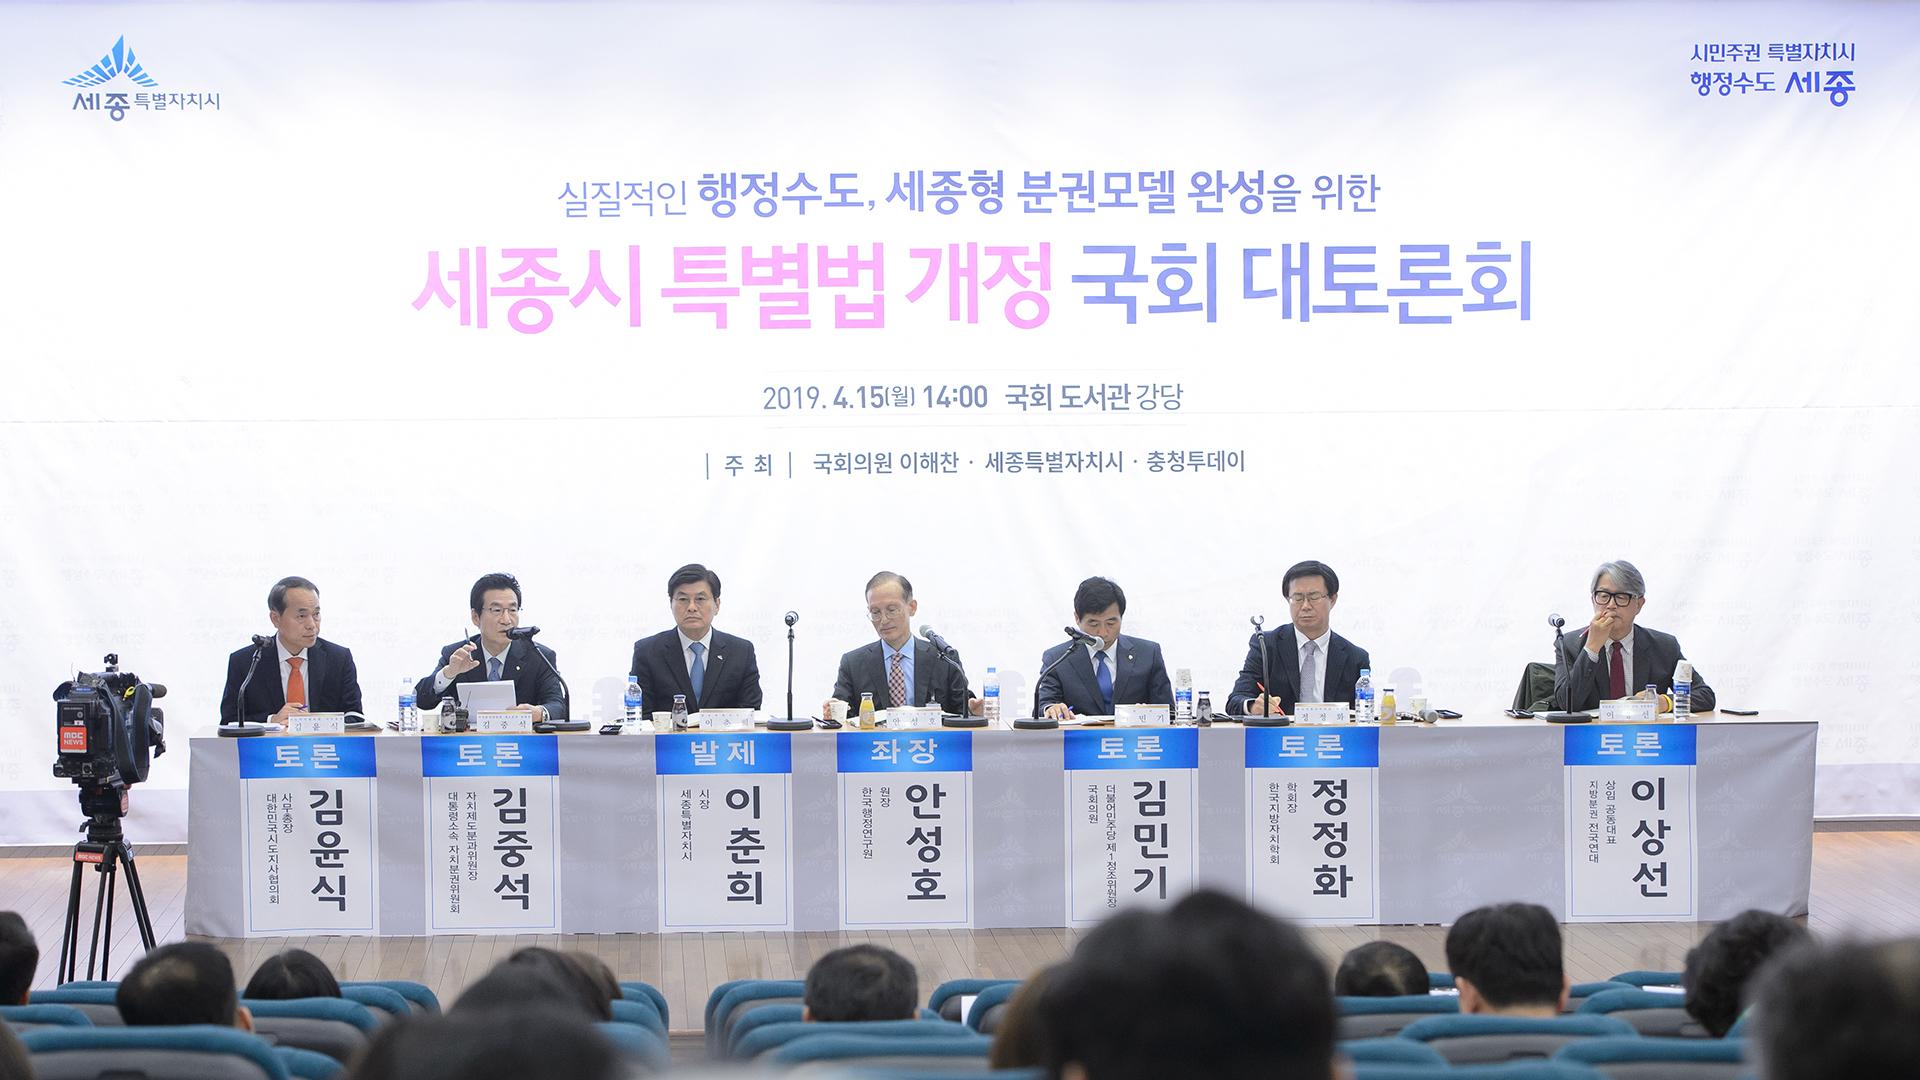 <현장이야기> 세종시특별법 개정 국회 대토론회